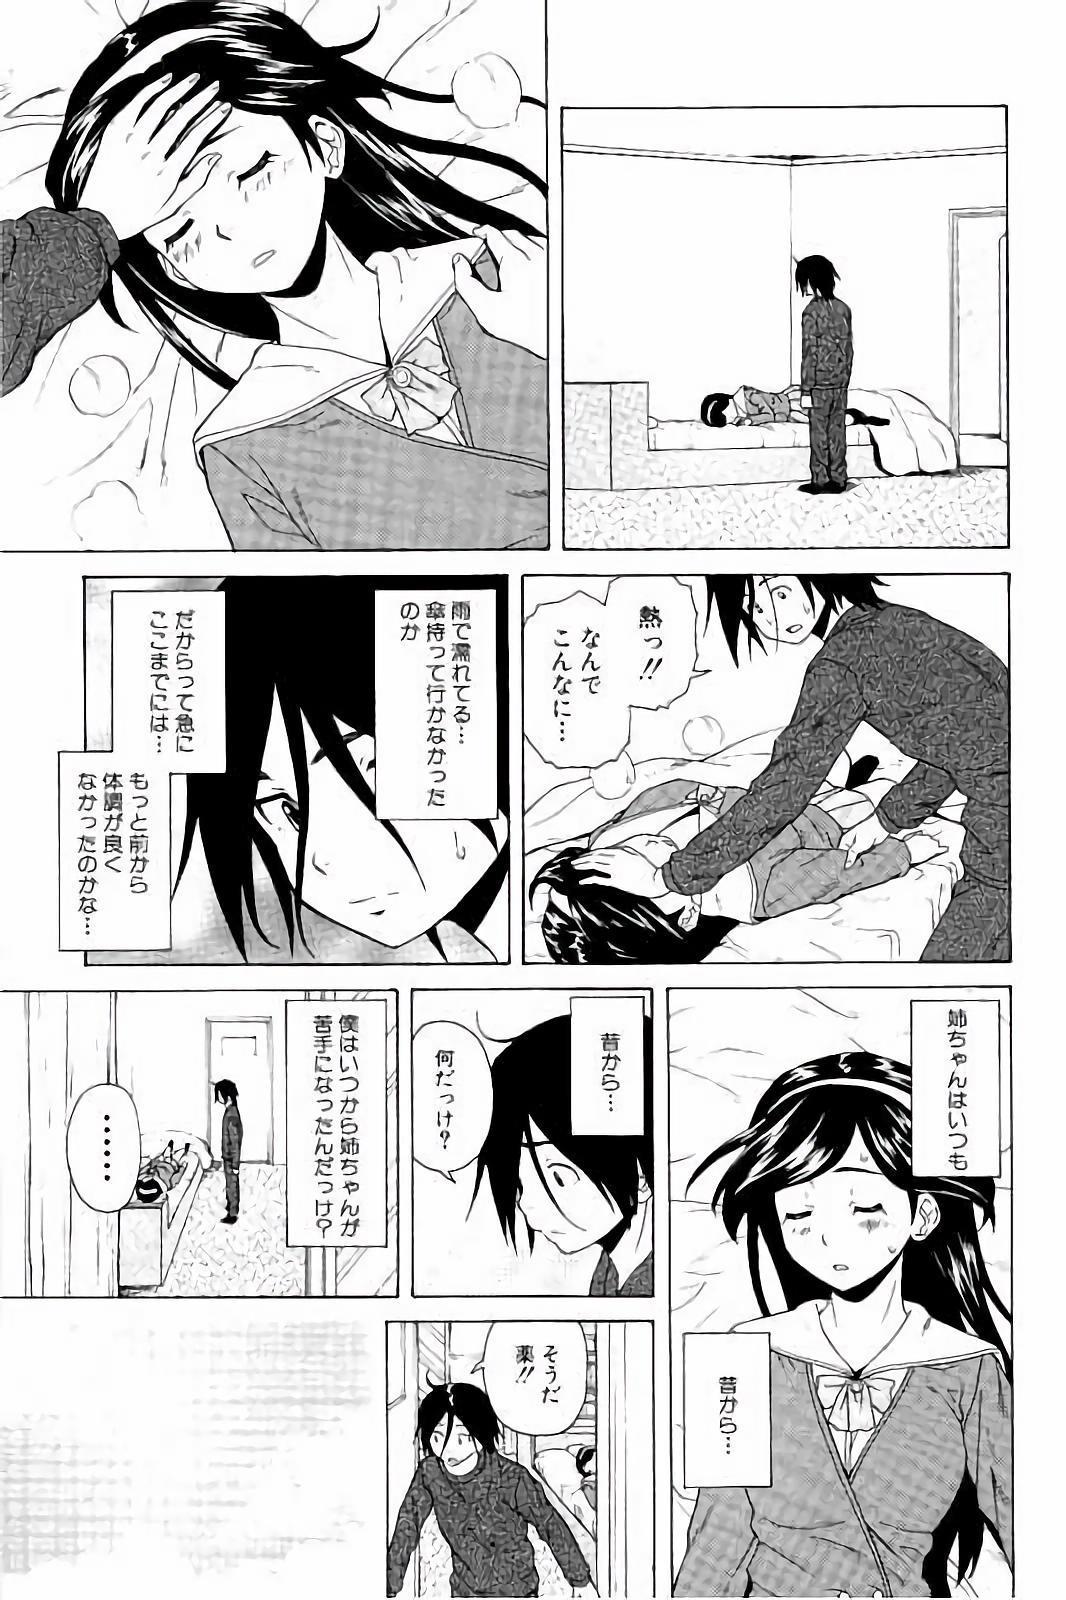 Ane no Himitsu To Boku no Jisatsu 42